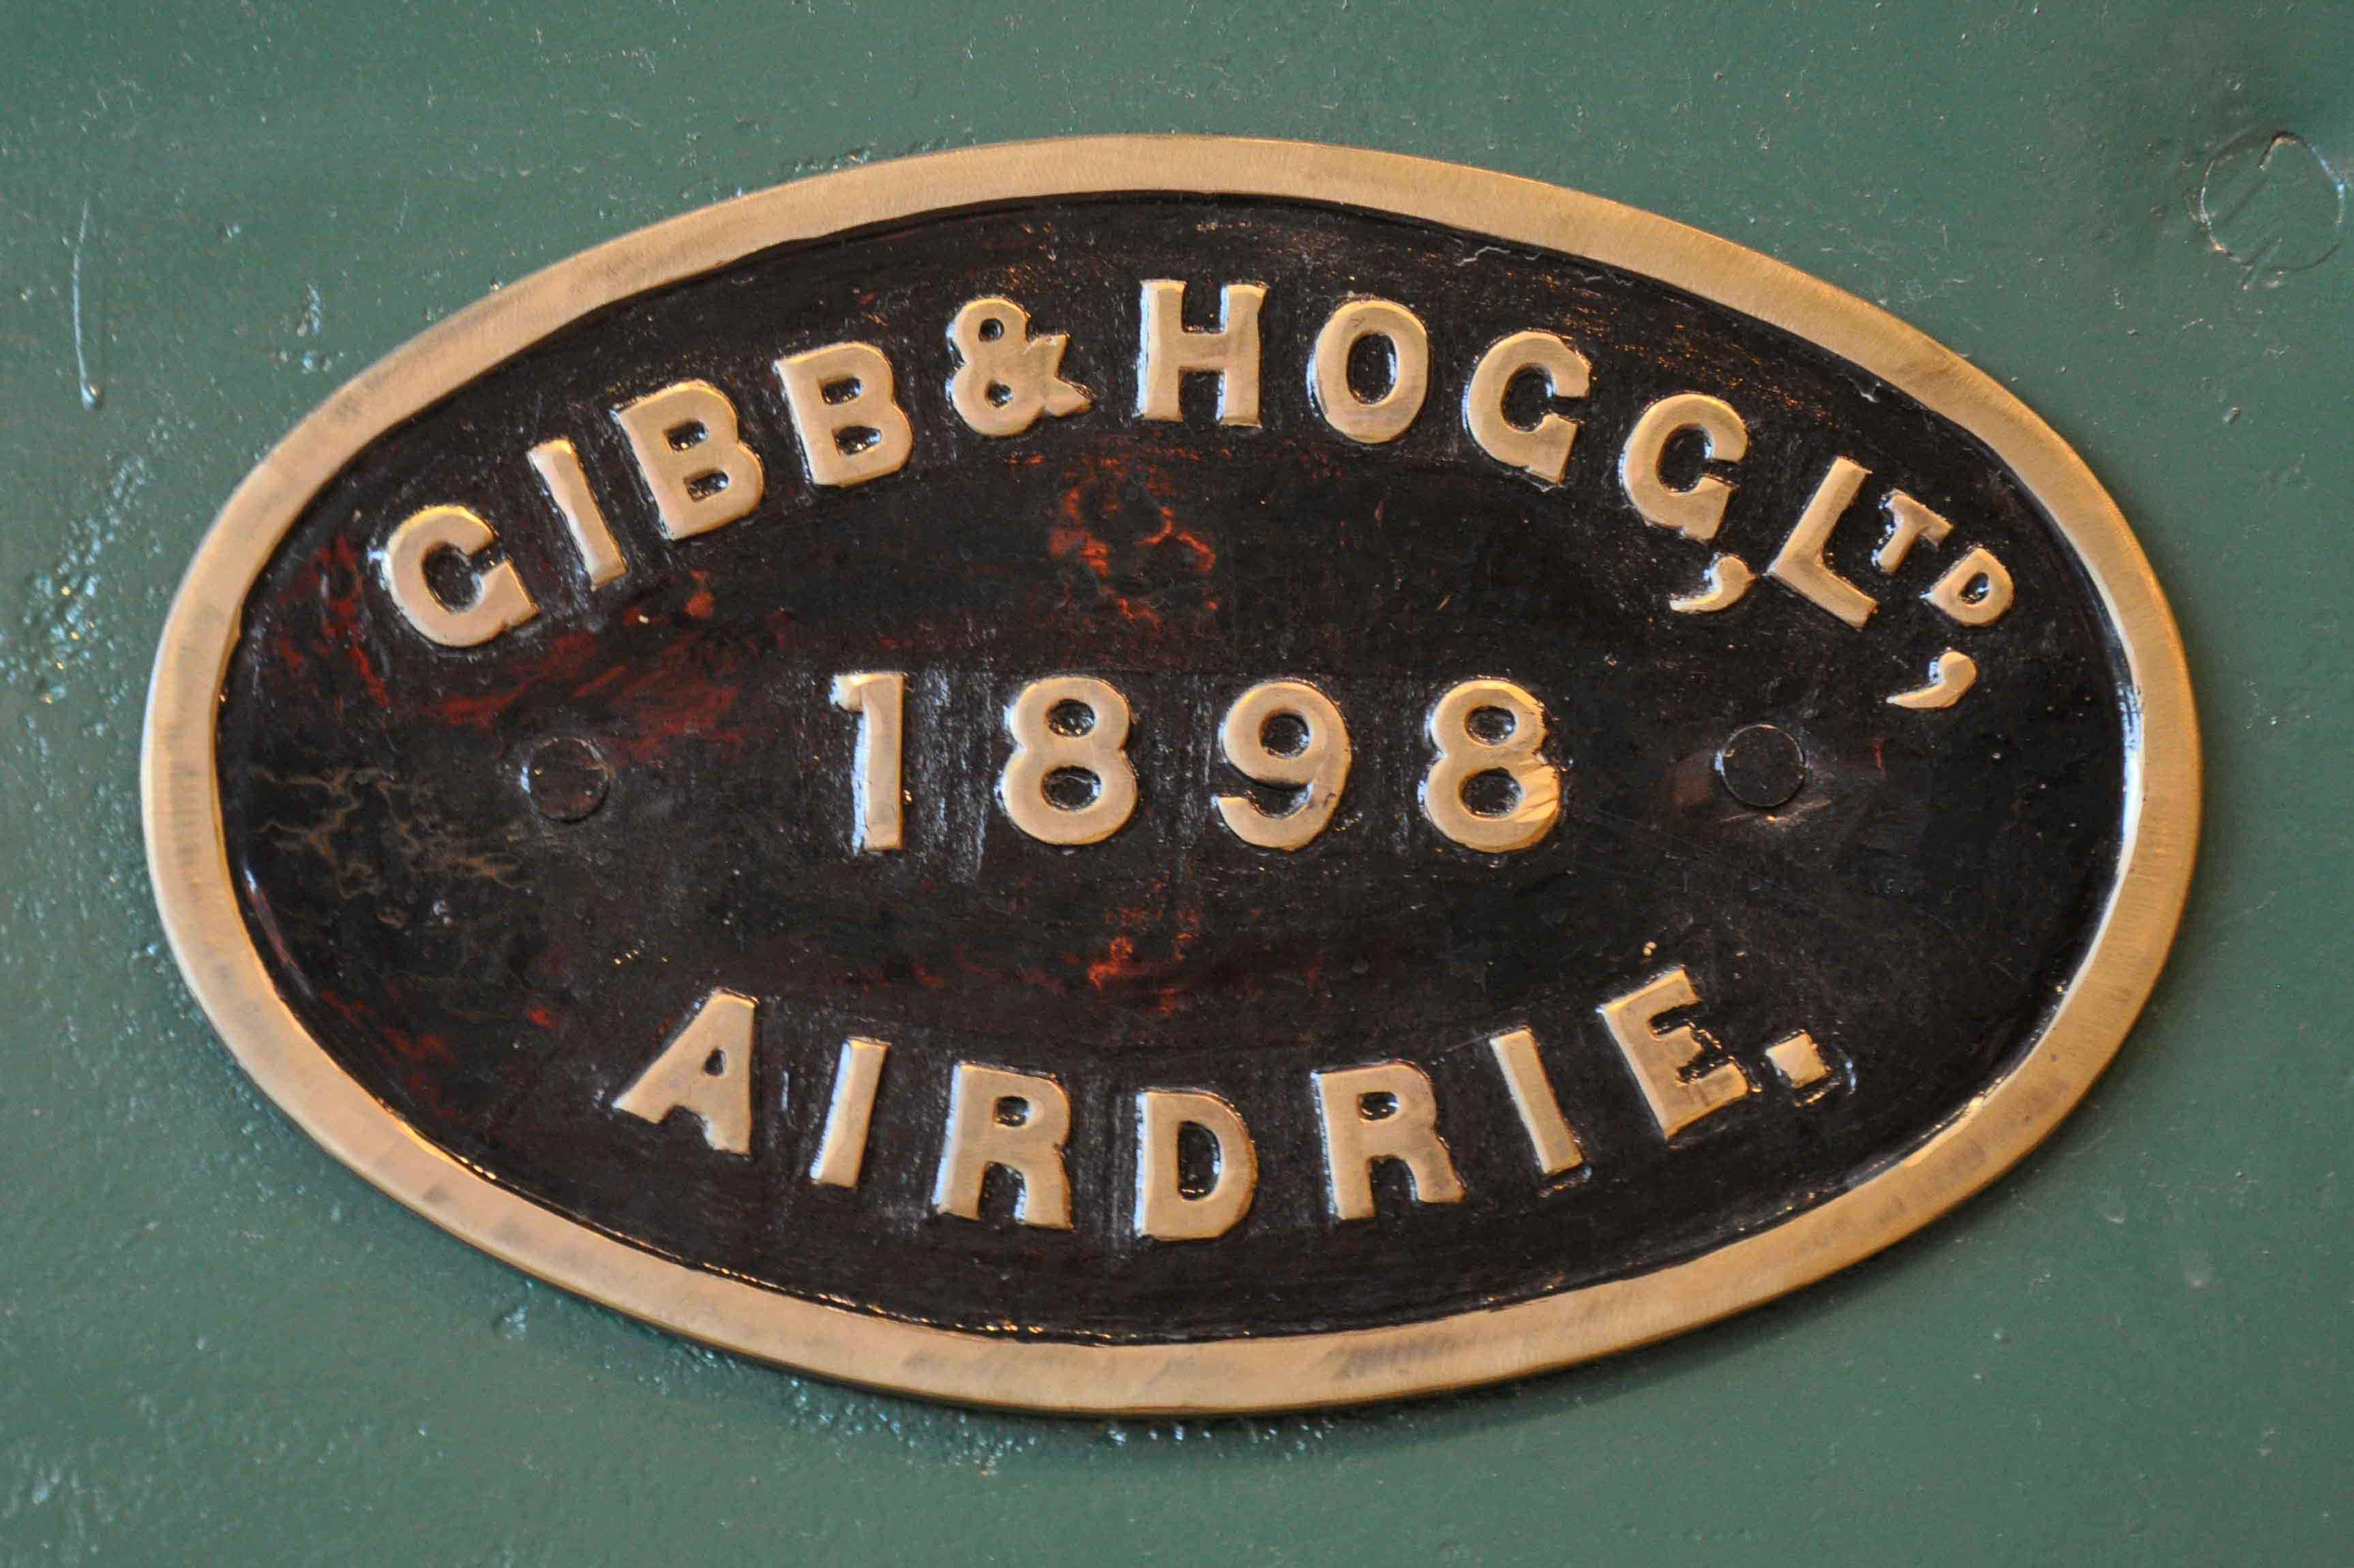 I:\Museums\modesimages\COTSL-1989-181imgae.jpg